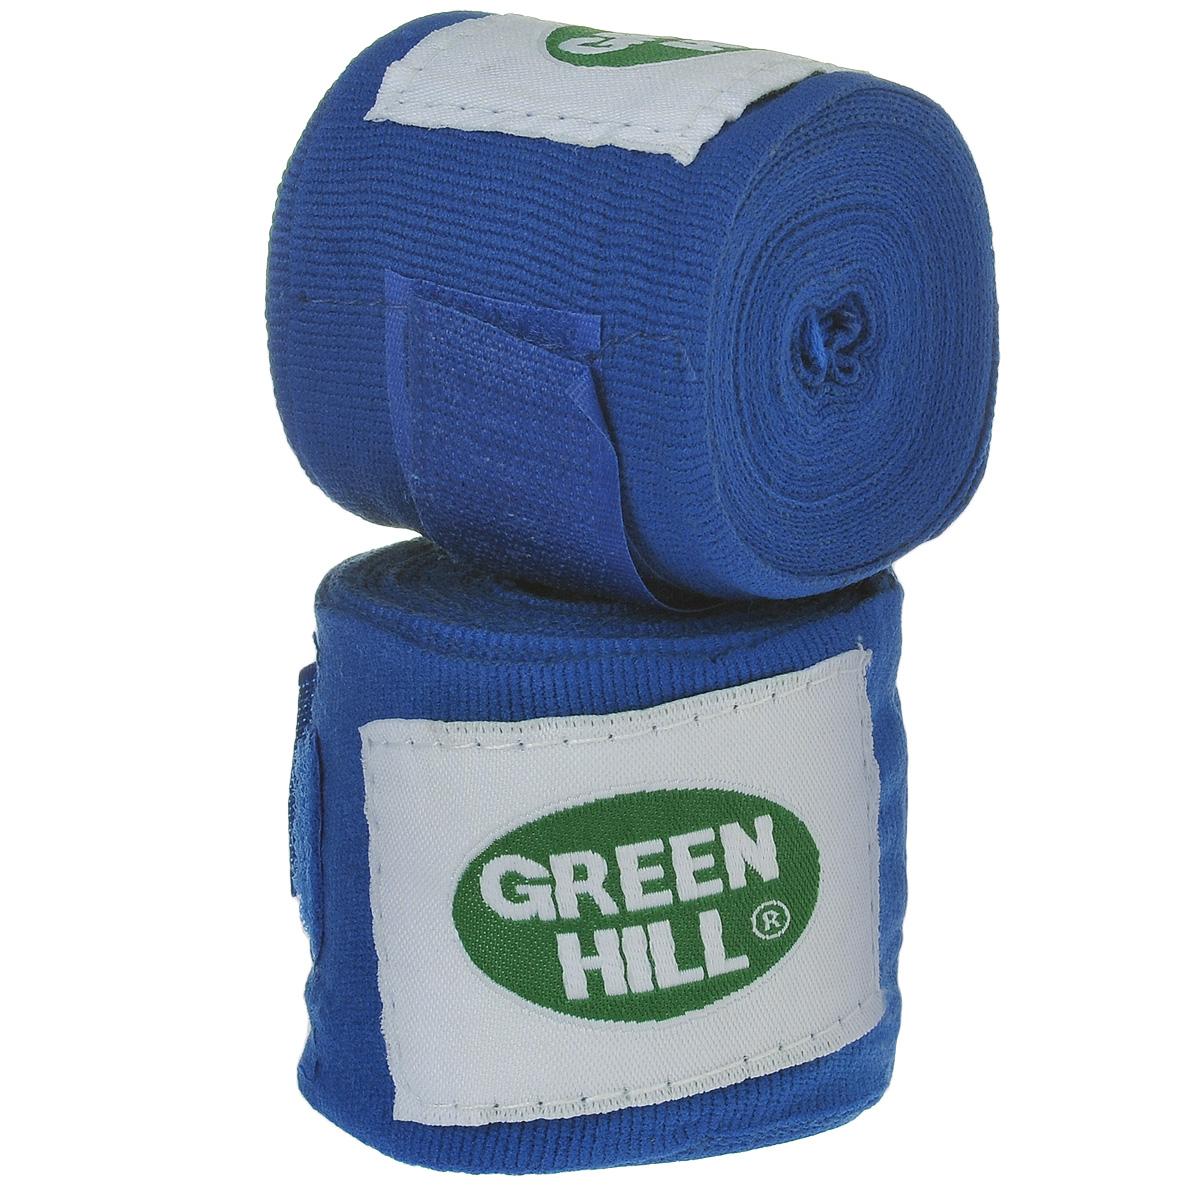 Бинты боксерские Green Hill, эластик, цвет: синий, 3,5 м, 2 штВР-6232-35Бинты Green Hill предназначены для защиты запястья во время занятий боксом. Изготовлены из высококачественного хлопка с добавлением эластана. Бинты надежно закрепляются на руке застежкой на липучке. Длина бинтов: 3,5 м.